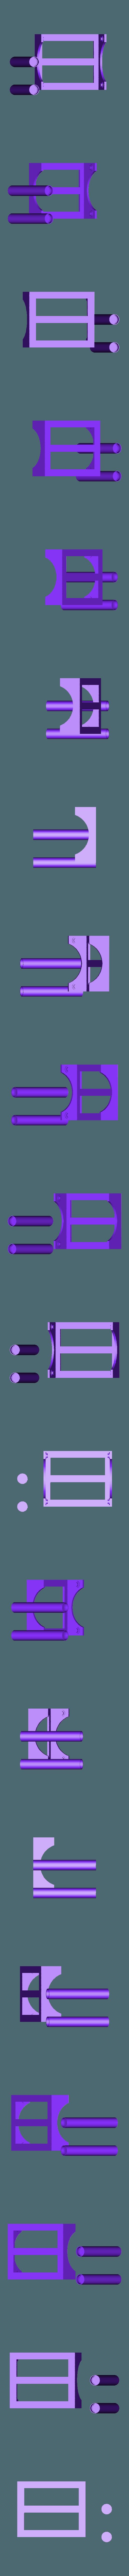 spool_roller_complete.stl Télécharger fichier SCAD gratuit Un autre rouleau de bobine de filament • Modèle imprimable en 3D, gobo38